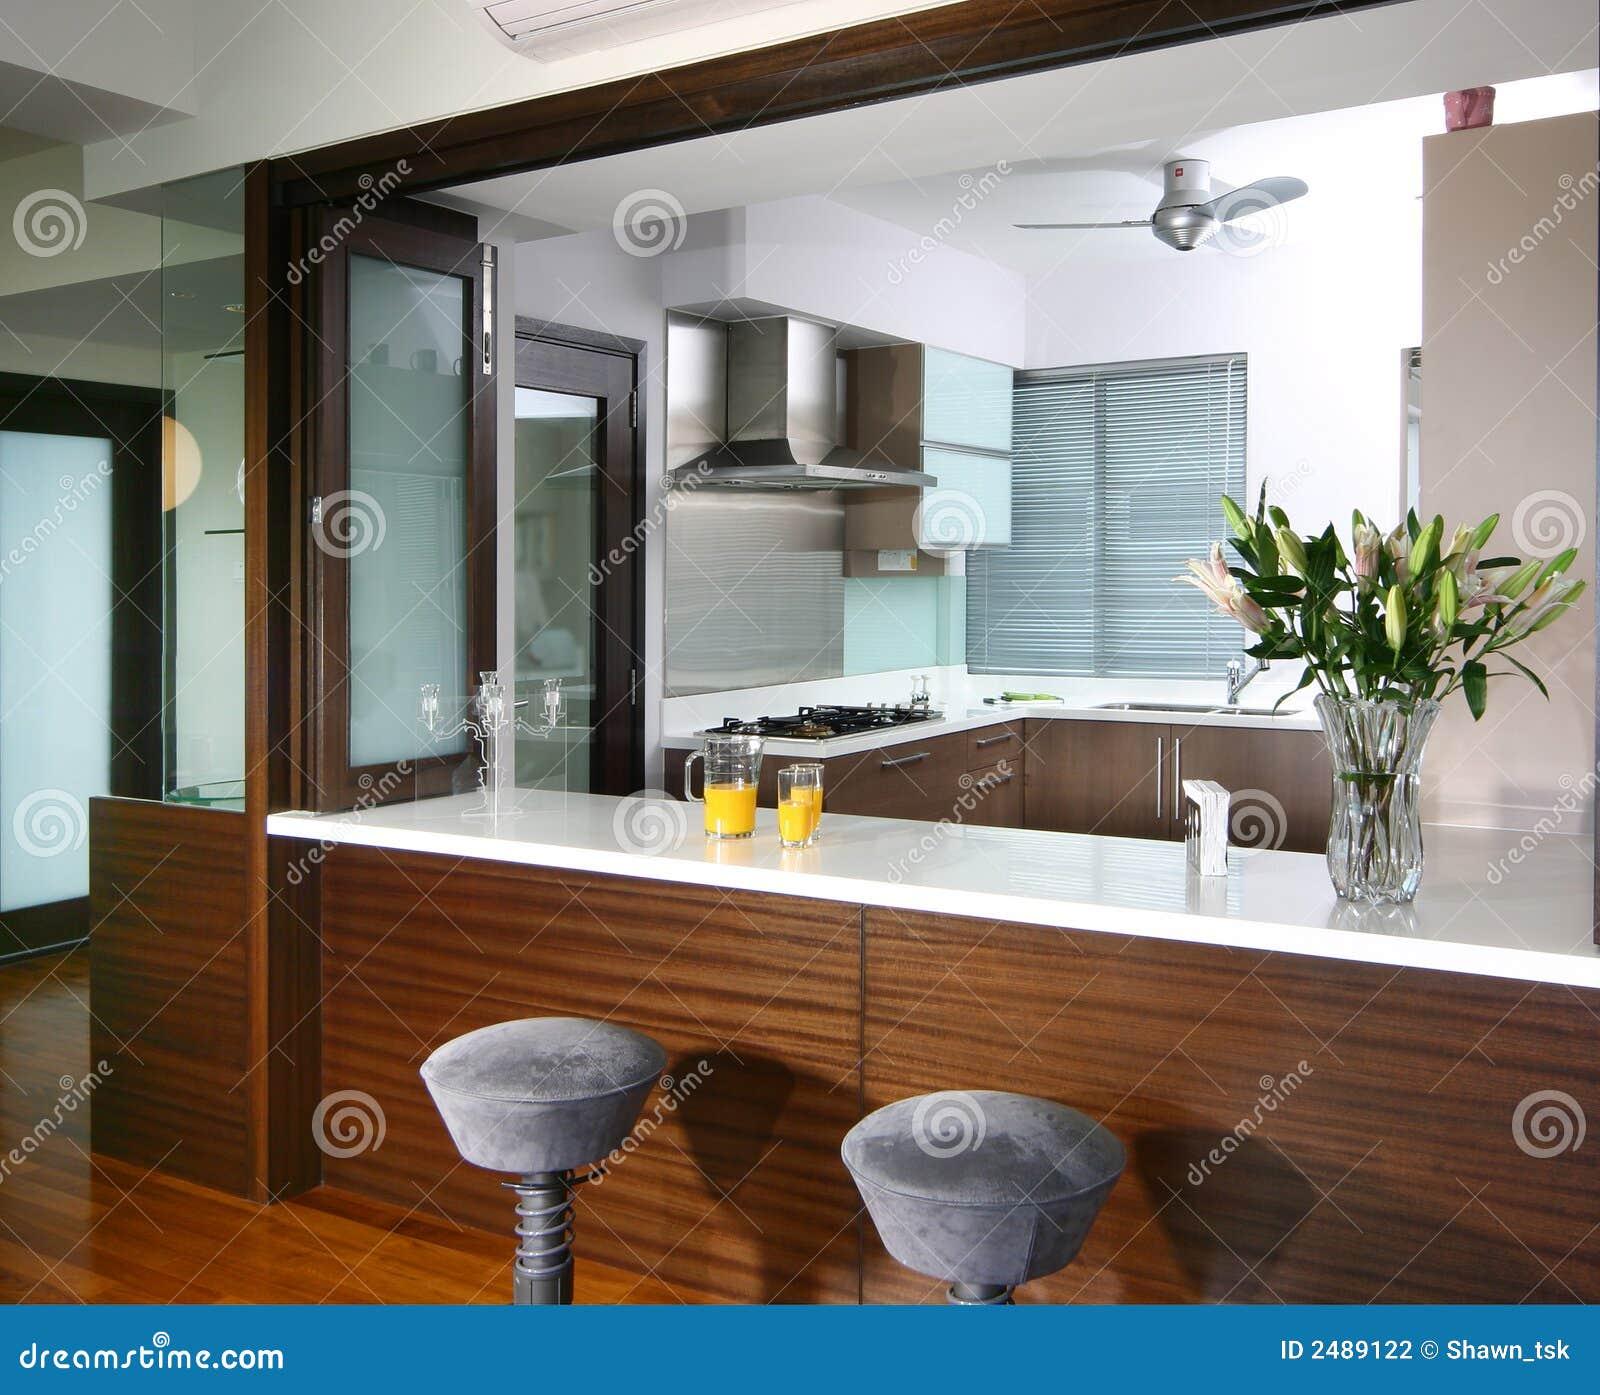 Disegno interno cucina fotografia stock immagine di for Disegno cucina